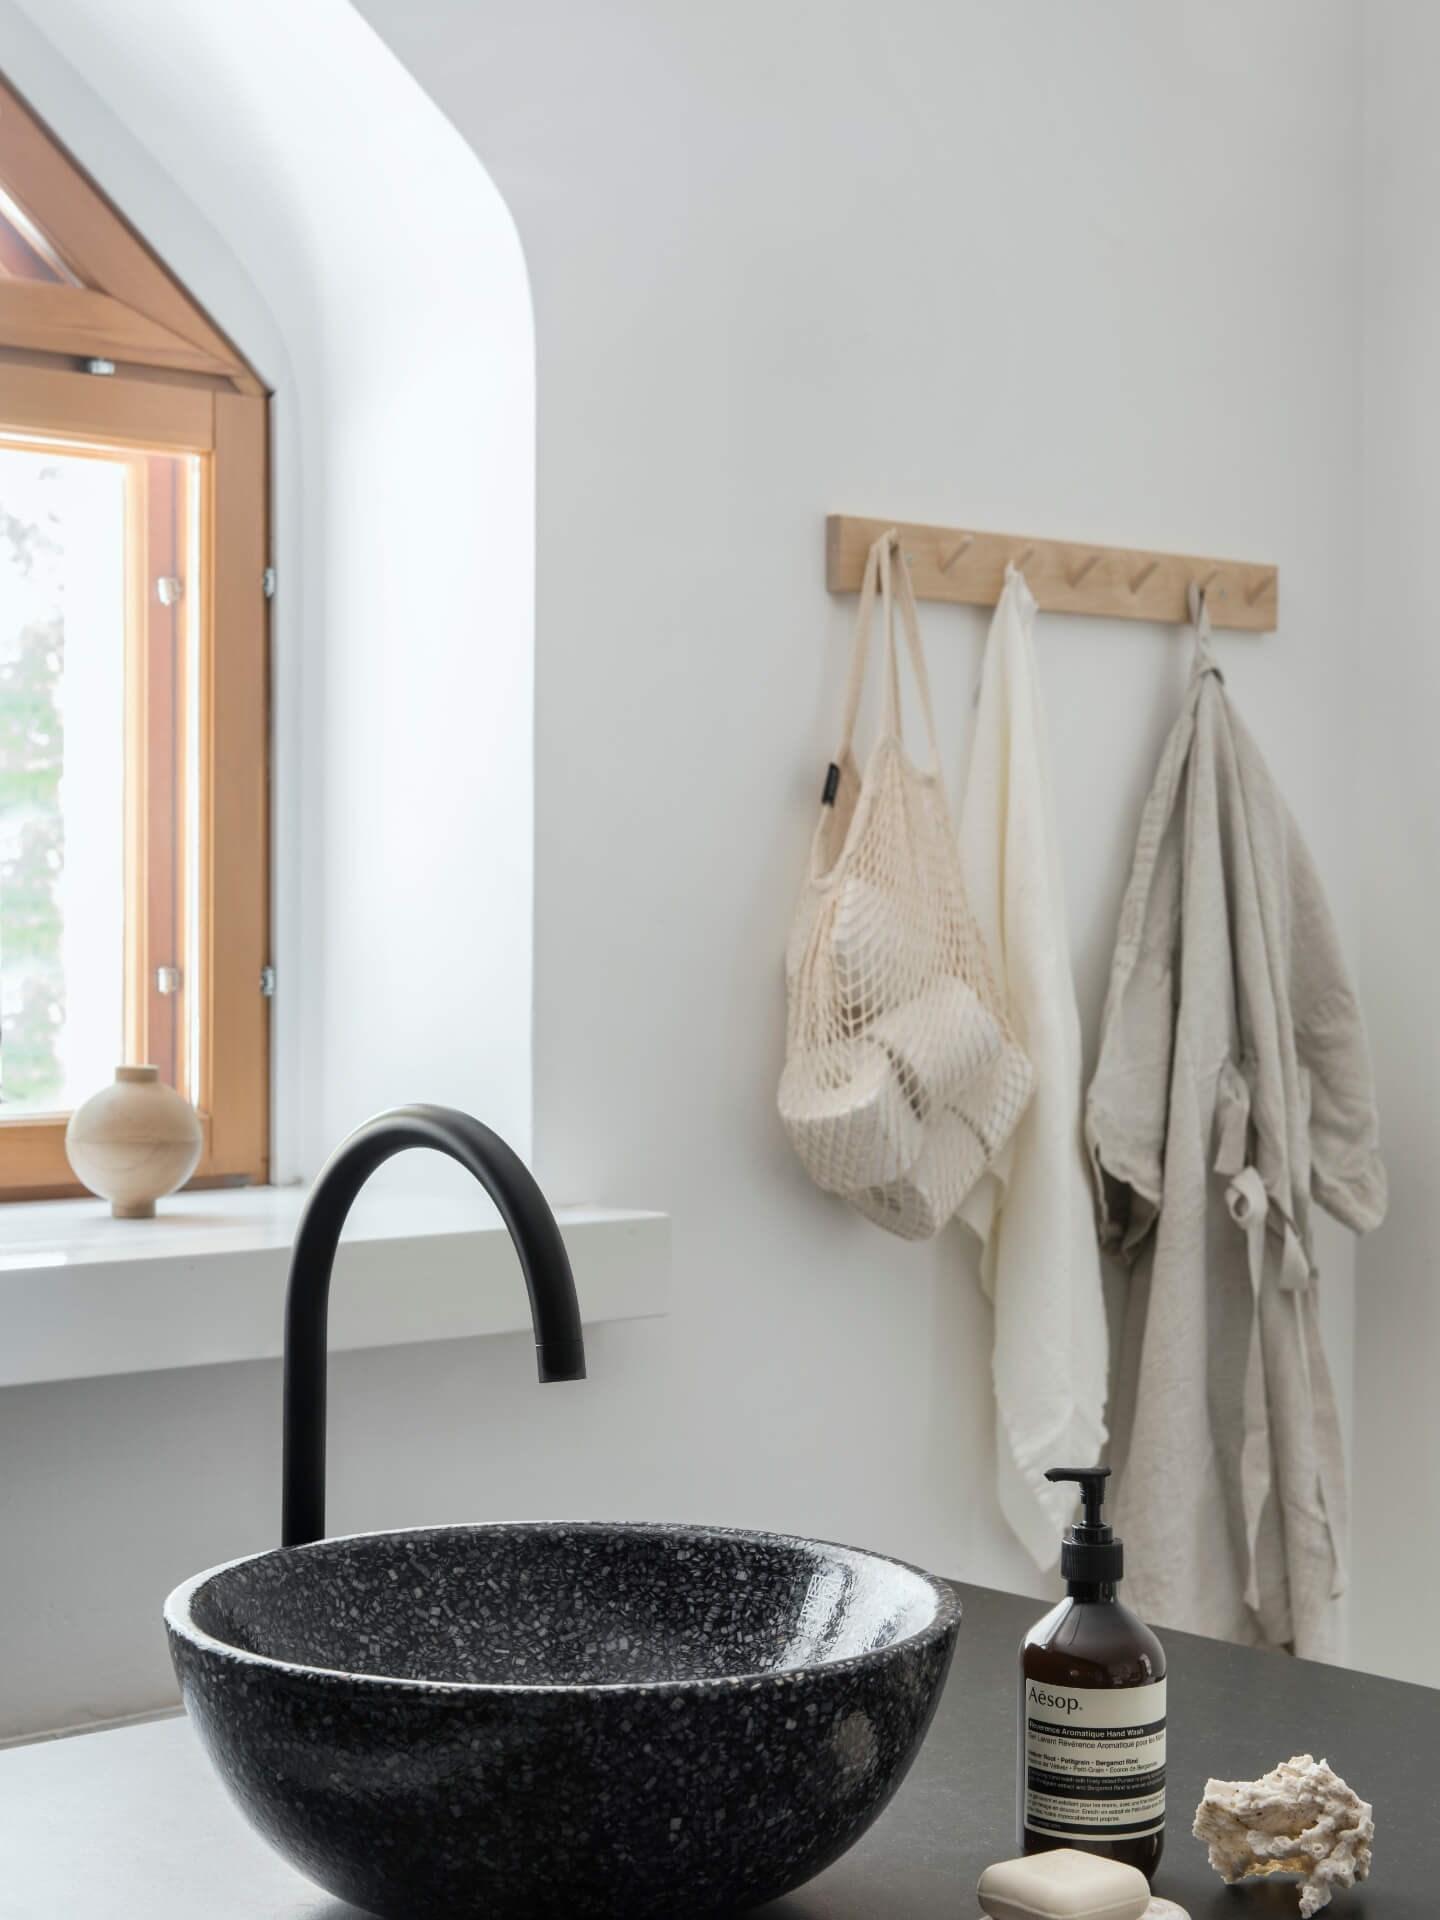 Miljøbilde toppmontert servant Soft40 table top fra Woodio. Sort servant med lyst interiør.